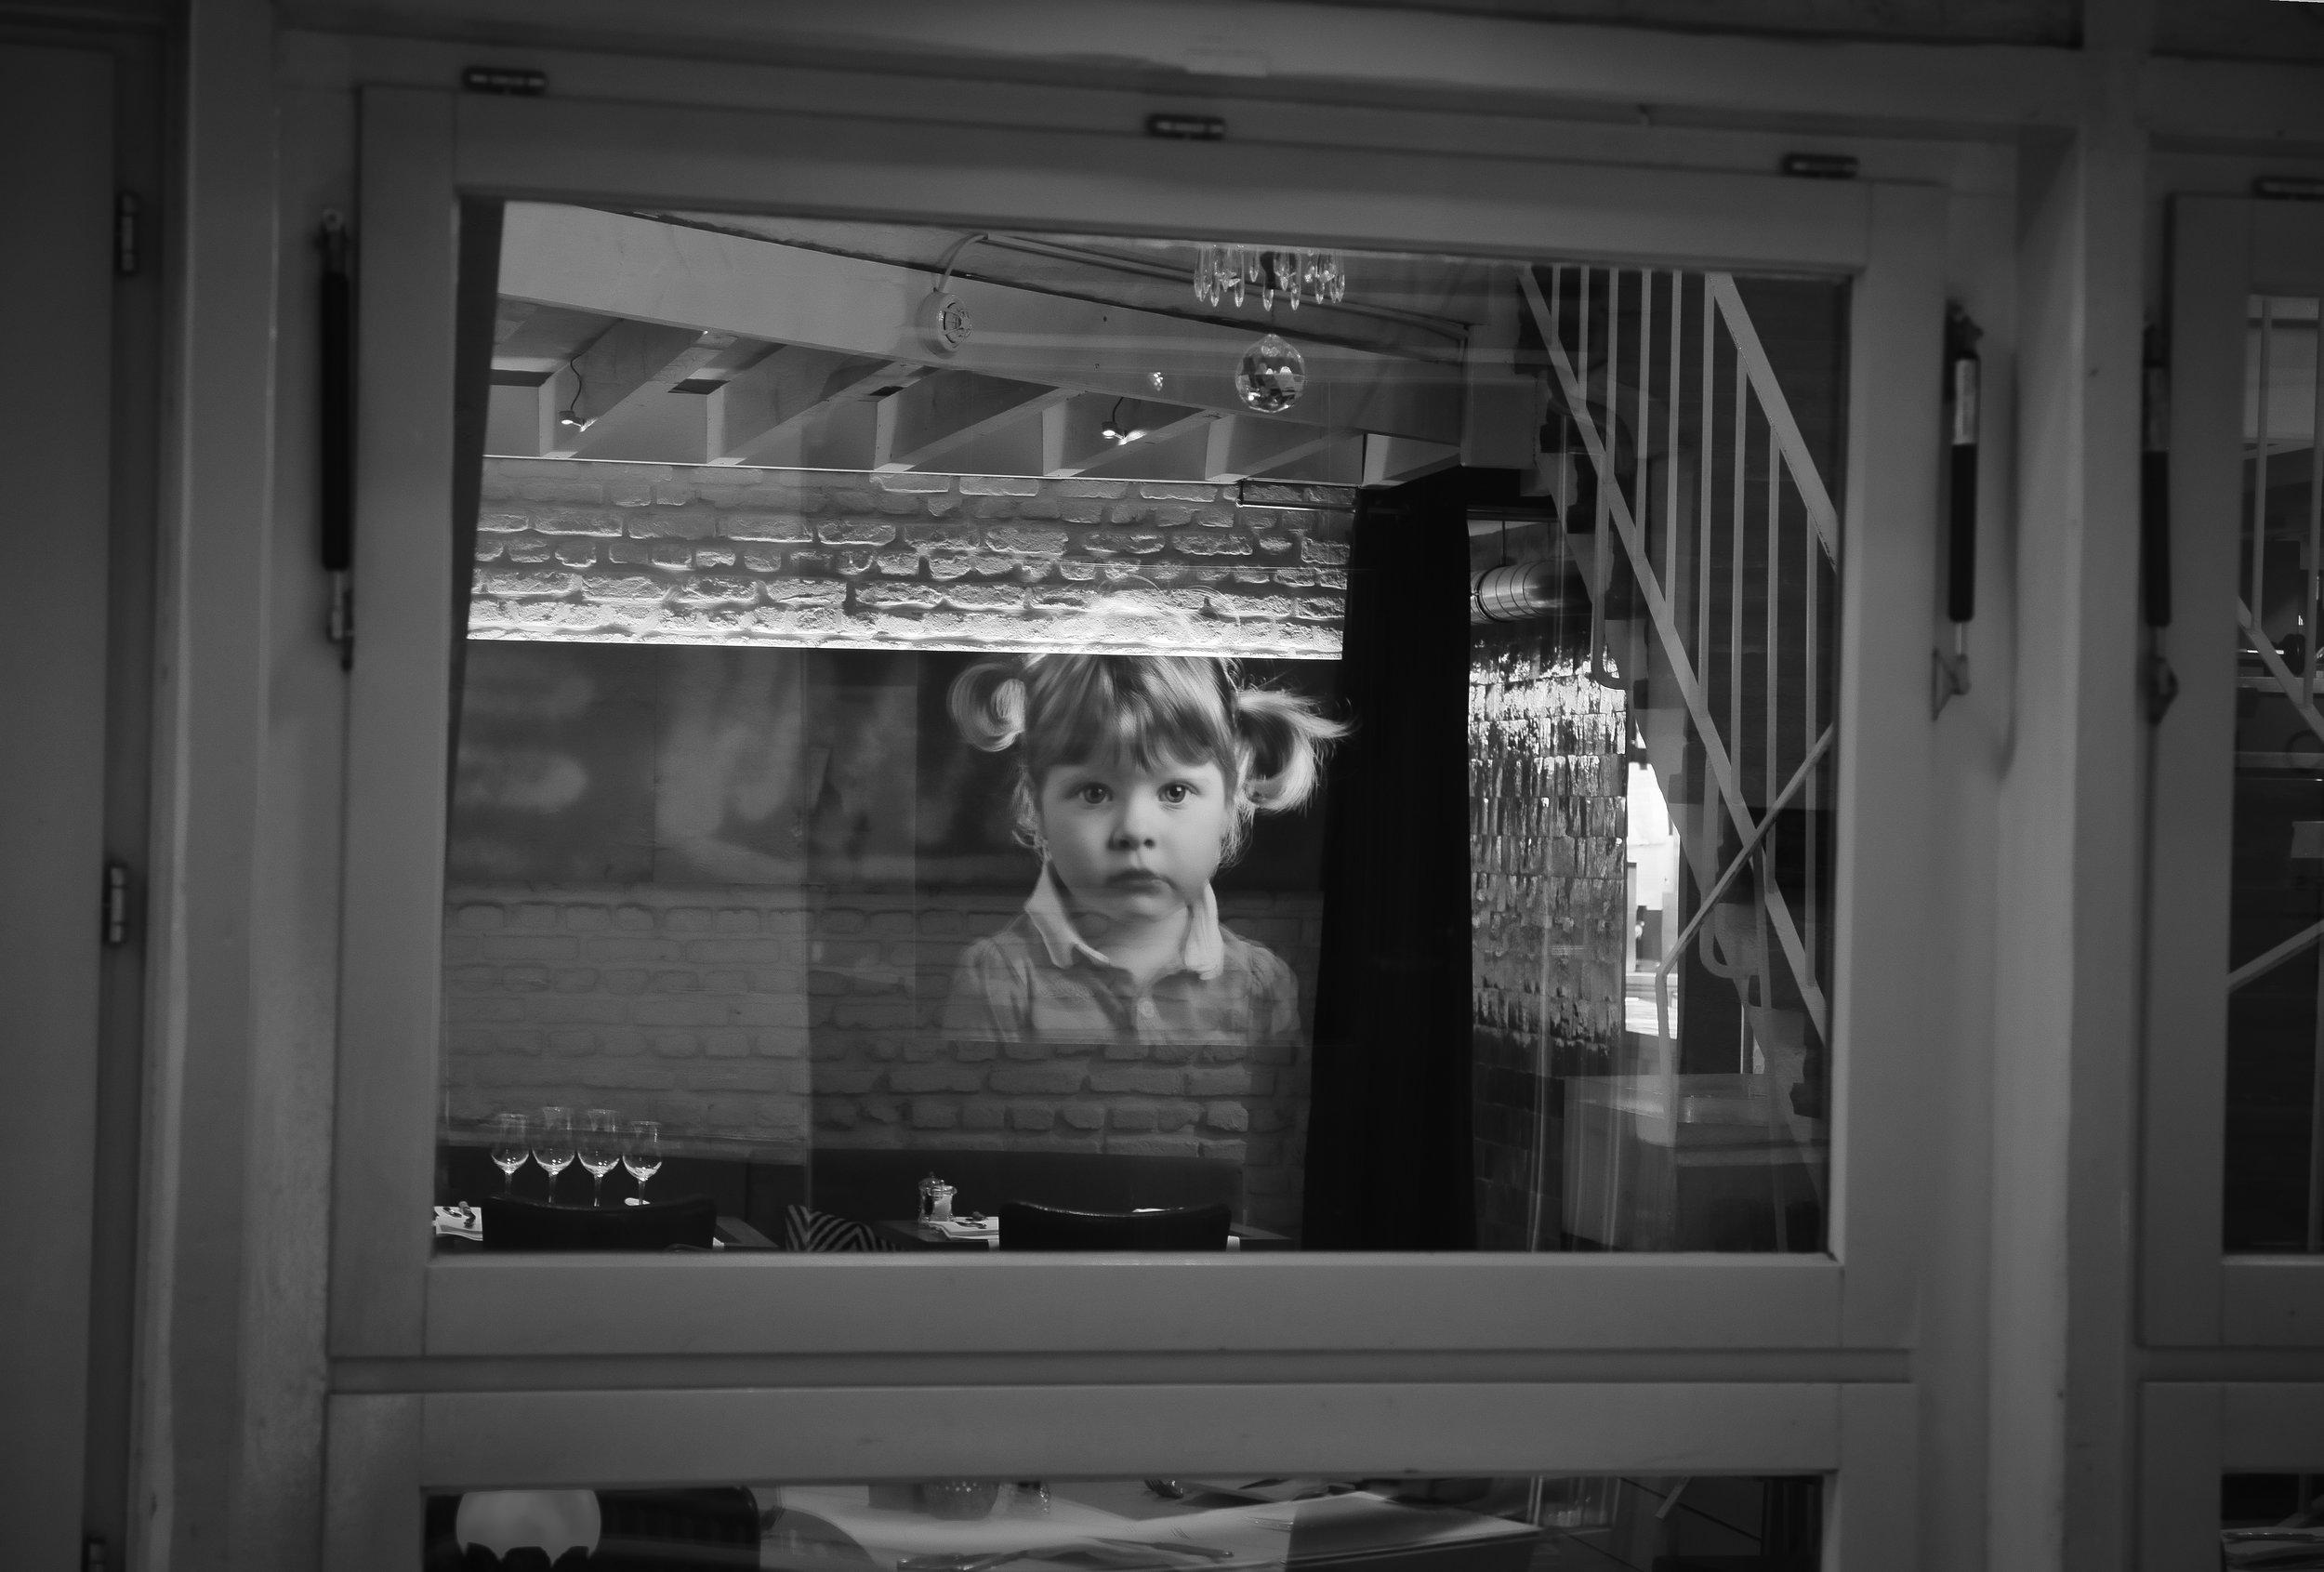 viewvinder-creativeboody-straatfotografie-in-antwerpen-reflectie-mysterieus-kind.jpg